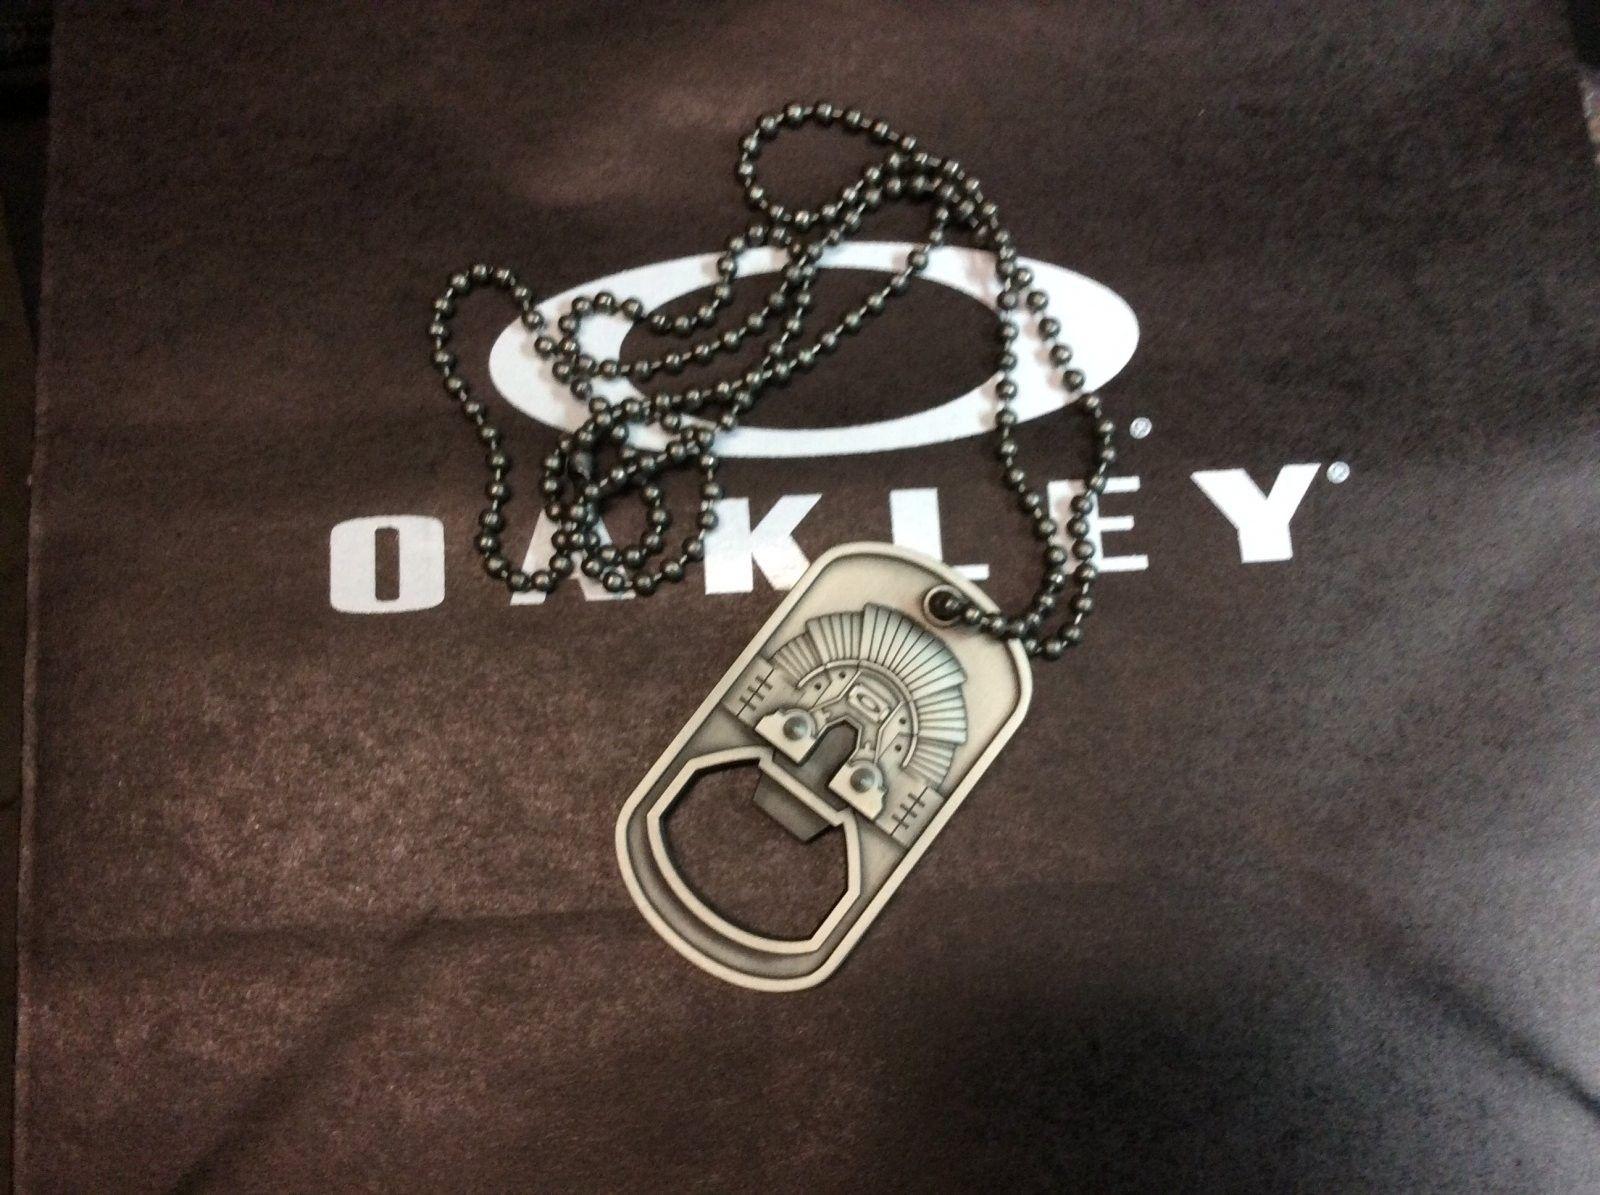 Oakley Dog Tag/bottle Opener - image.jpg